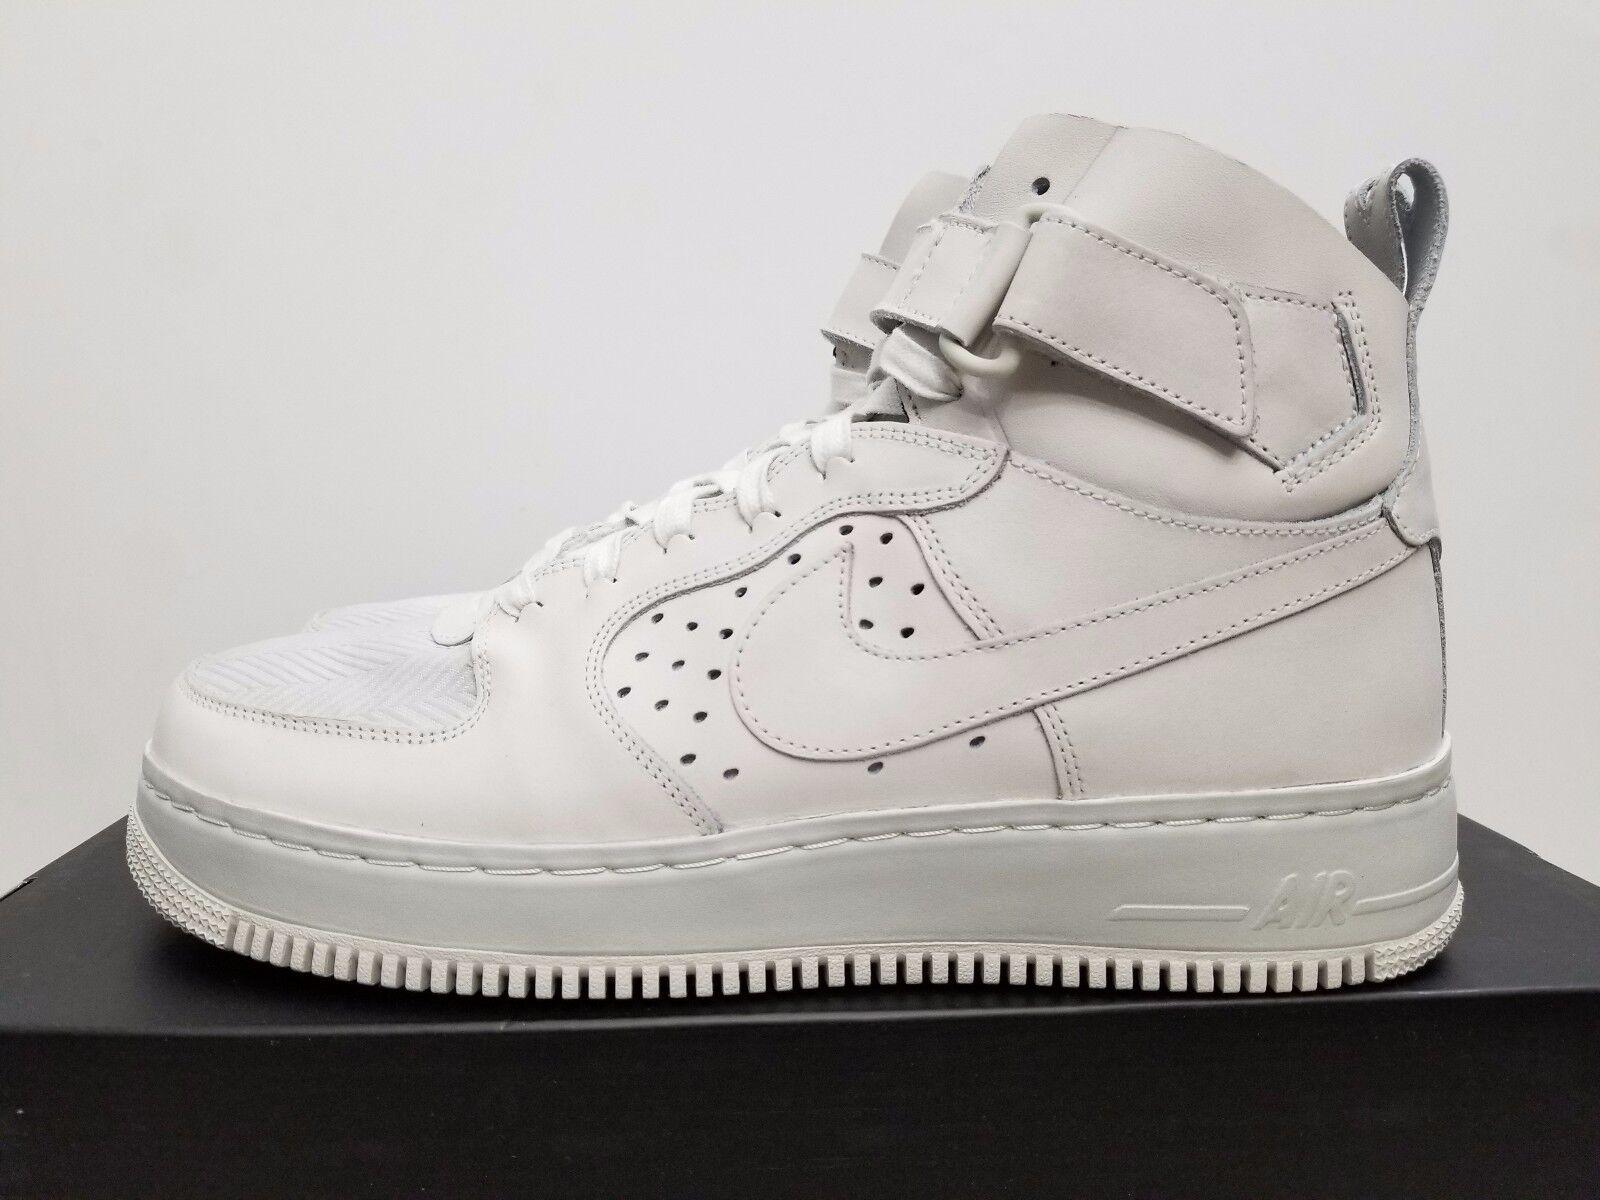 Nike air force 1 - frauen cmft tc sp 921071-100 10 größe 11,5 = männer - 10 921071-100 698fcc